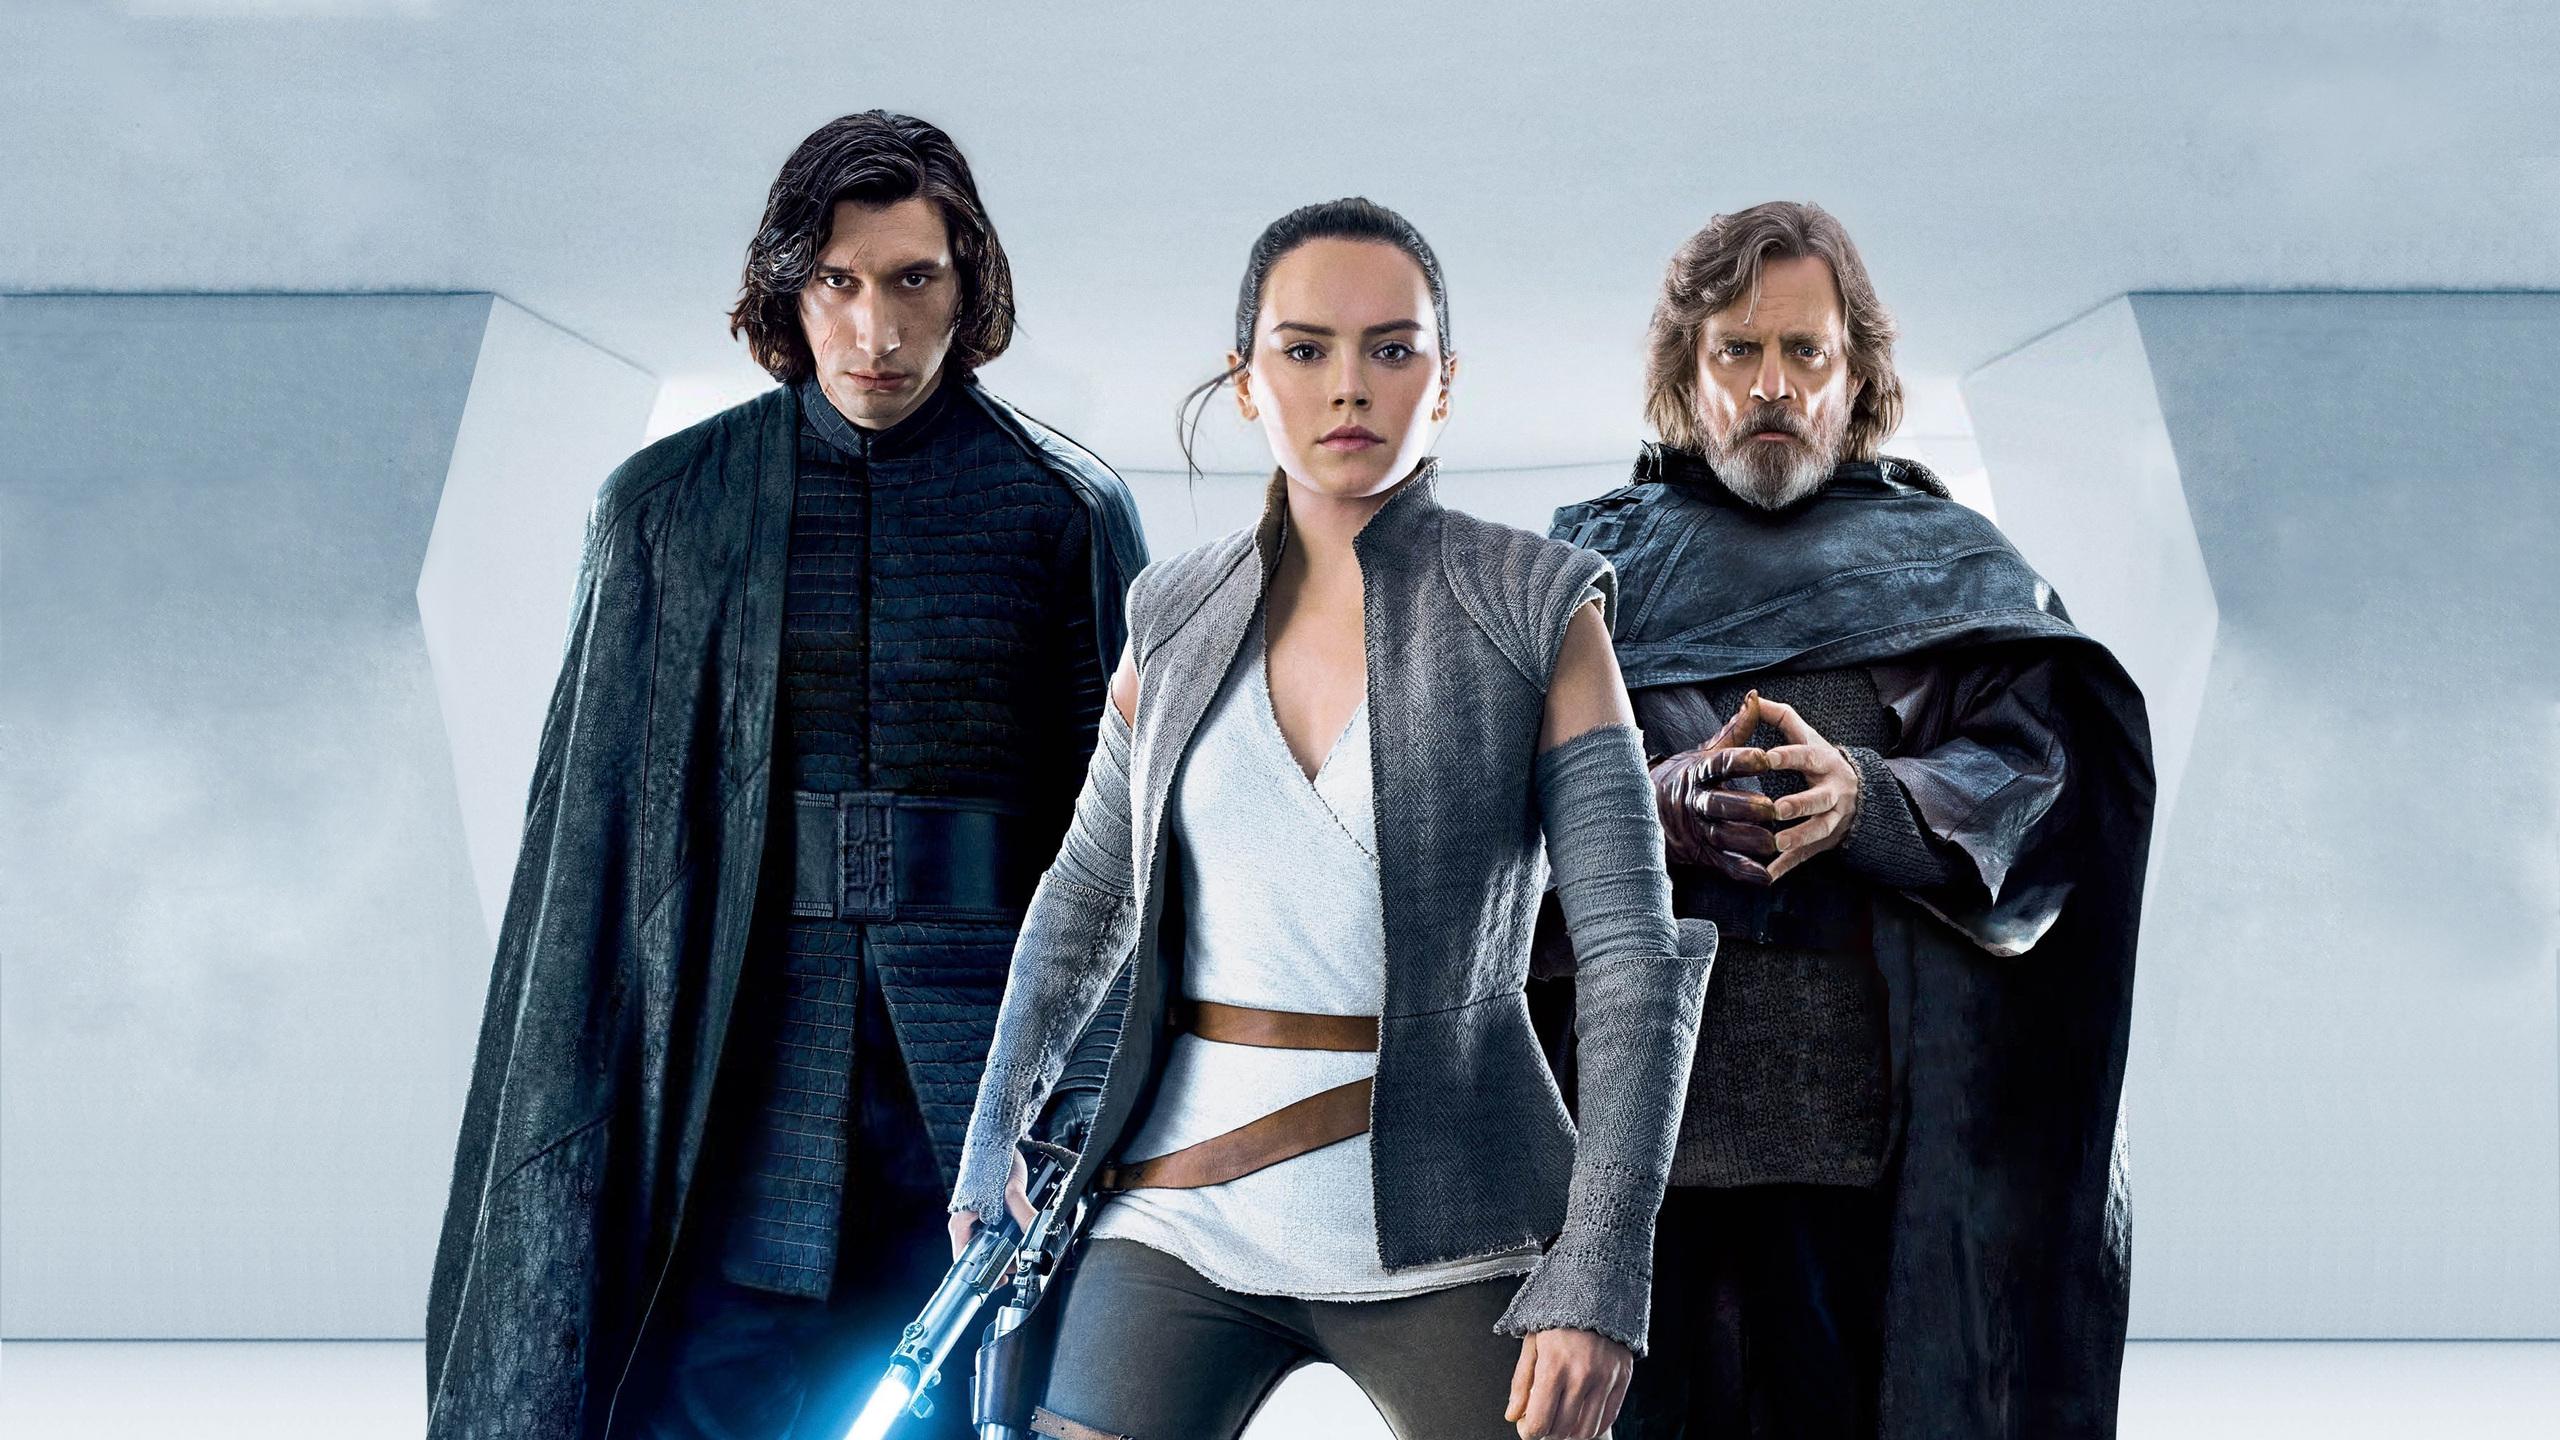 2560x1440 Kylo Ren Rey Luke Skywalker In Star Wars The Last Jedi